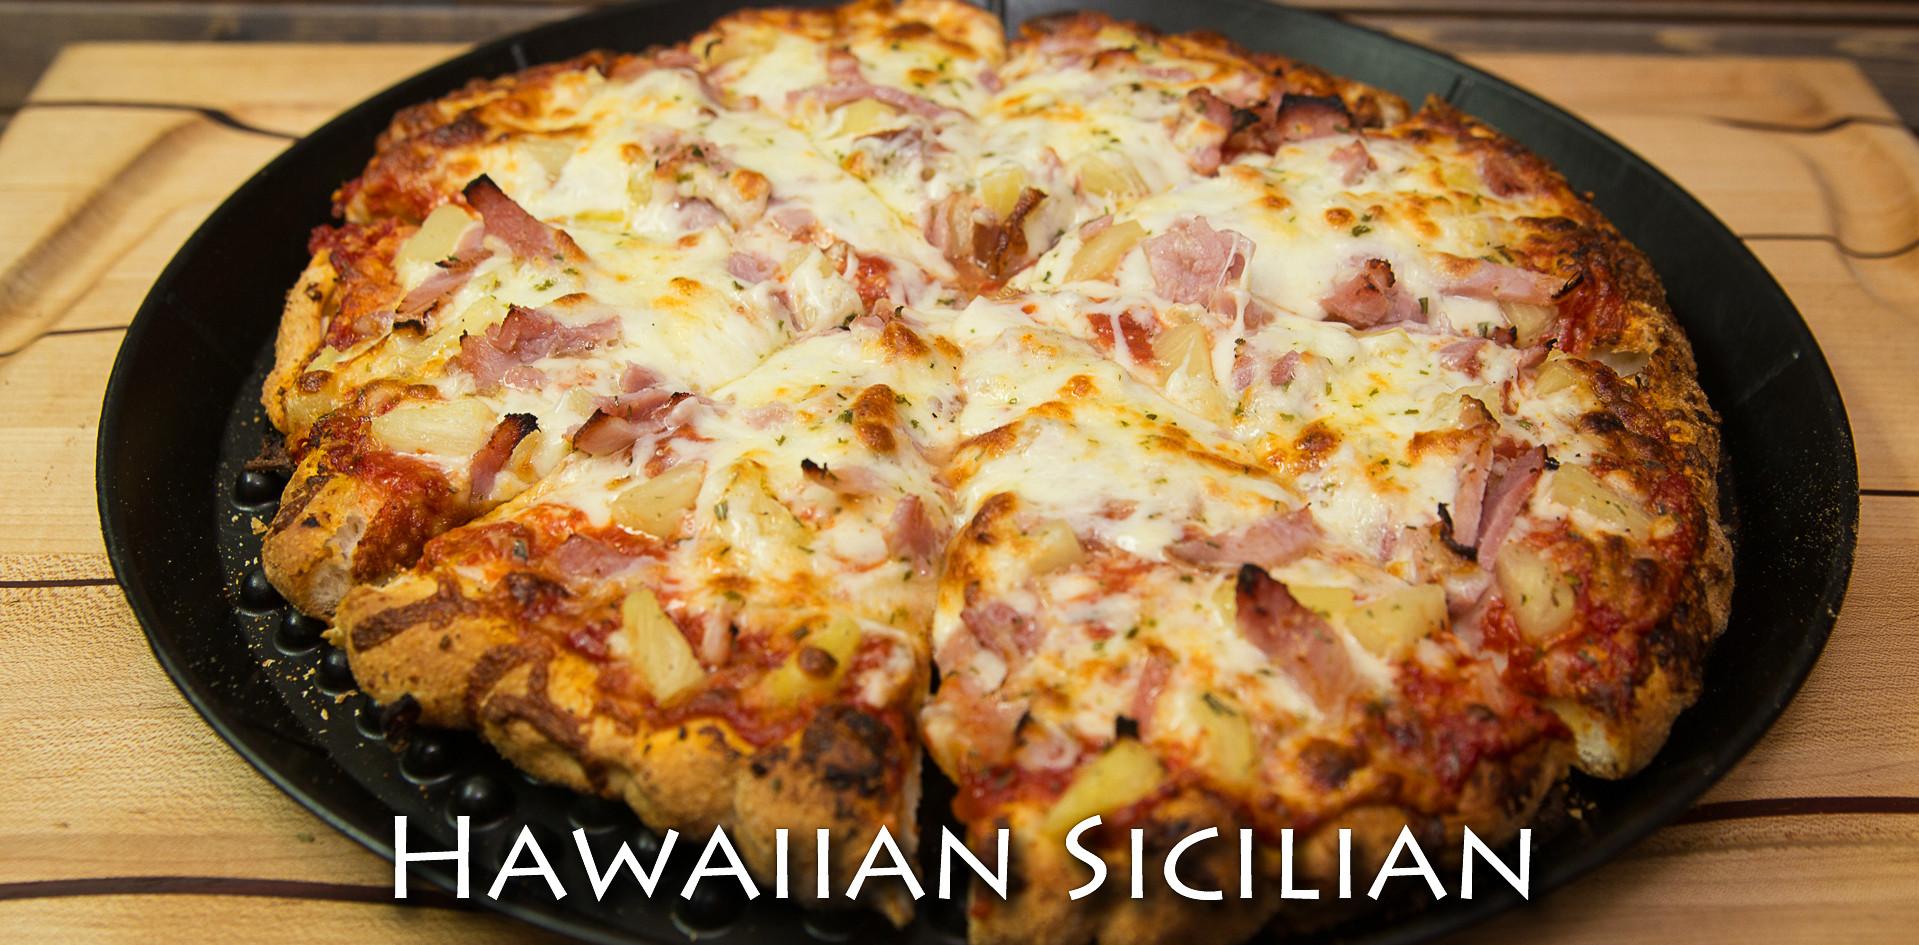 Hawaiian Sicilian Pizza